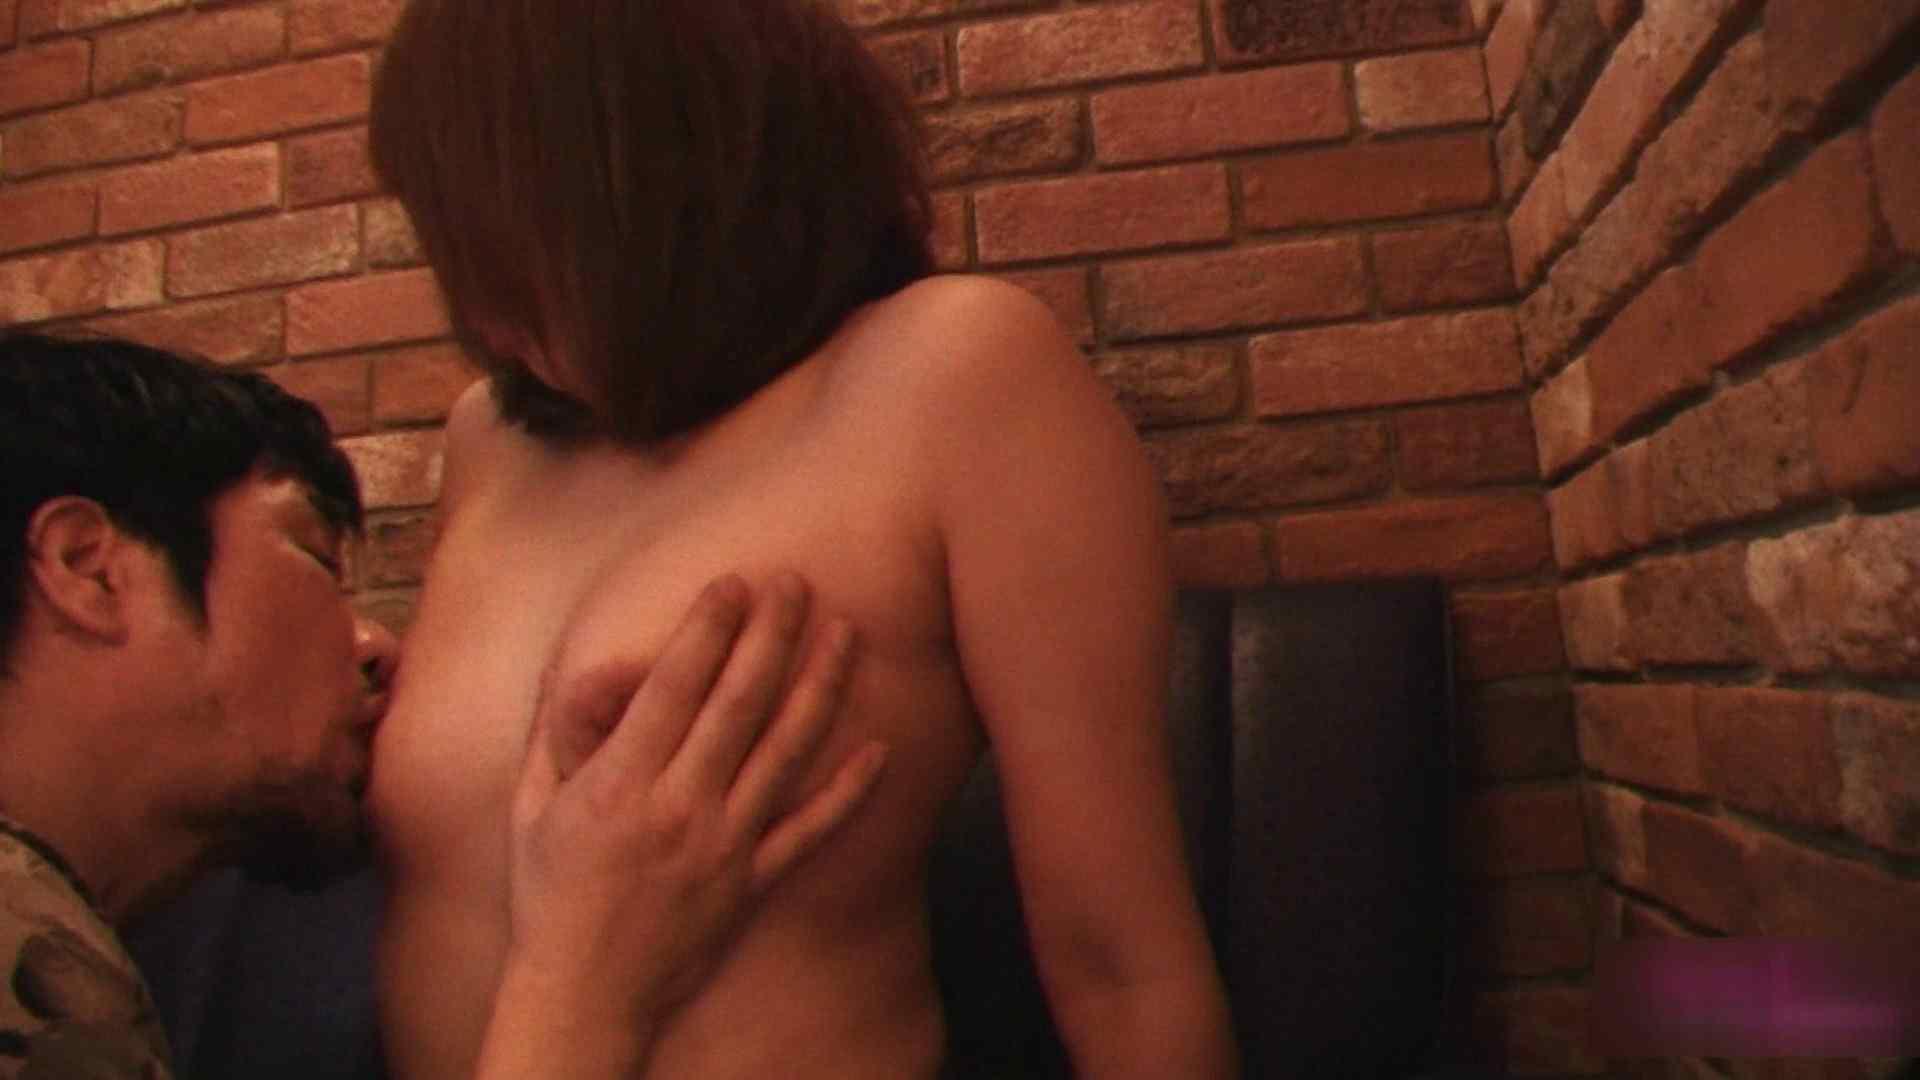 おしえてギャル子のH塾 Vol.13 前編 OLのボディ   ギャル盗撮映像  61PIX 27